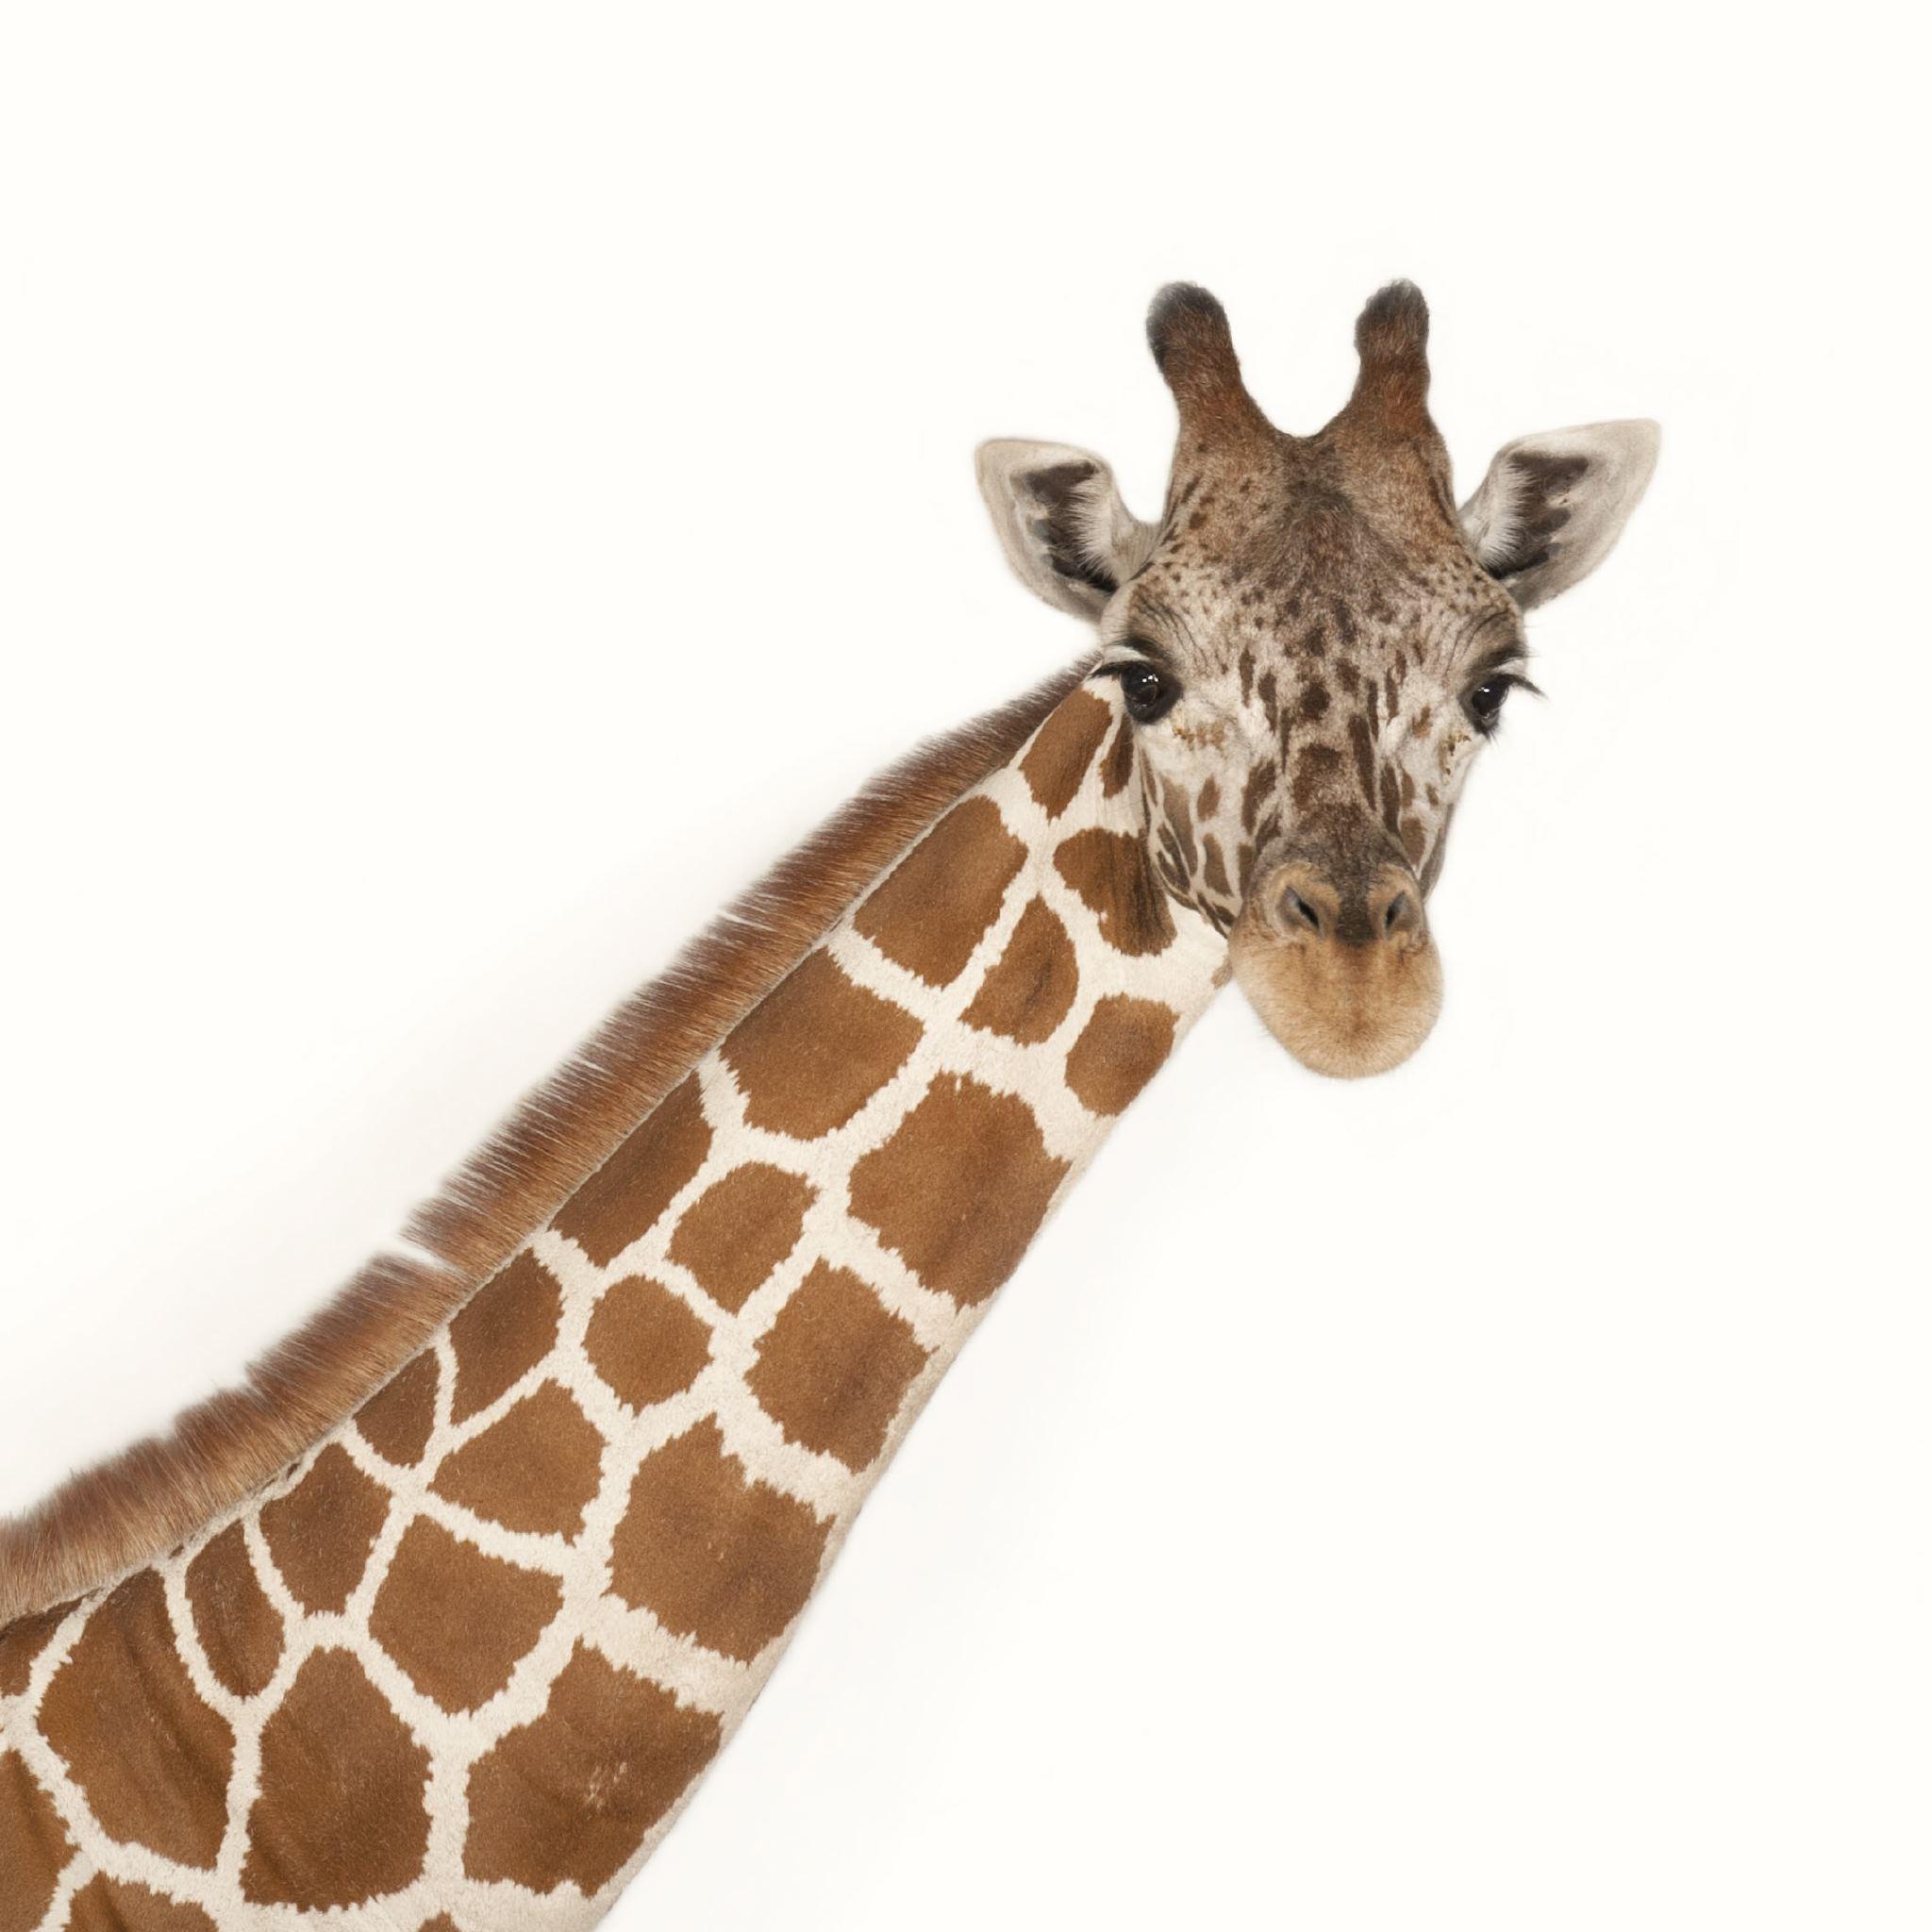 High Resolution Wallpaper | Giraffe 2048x2048 px